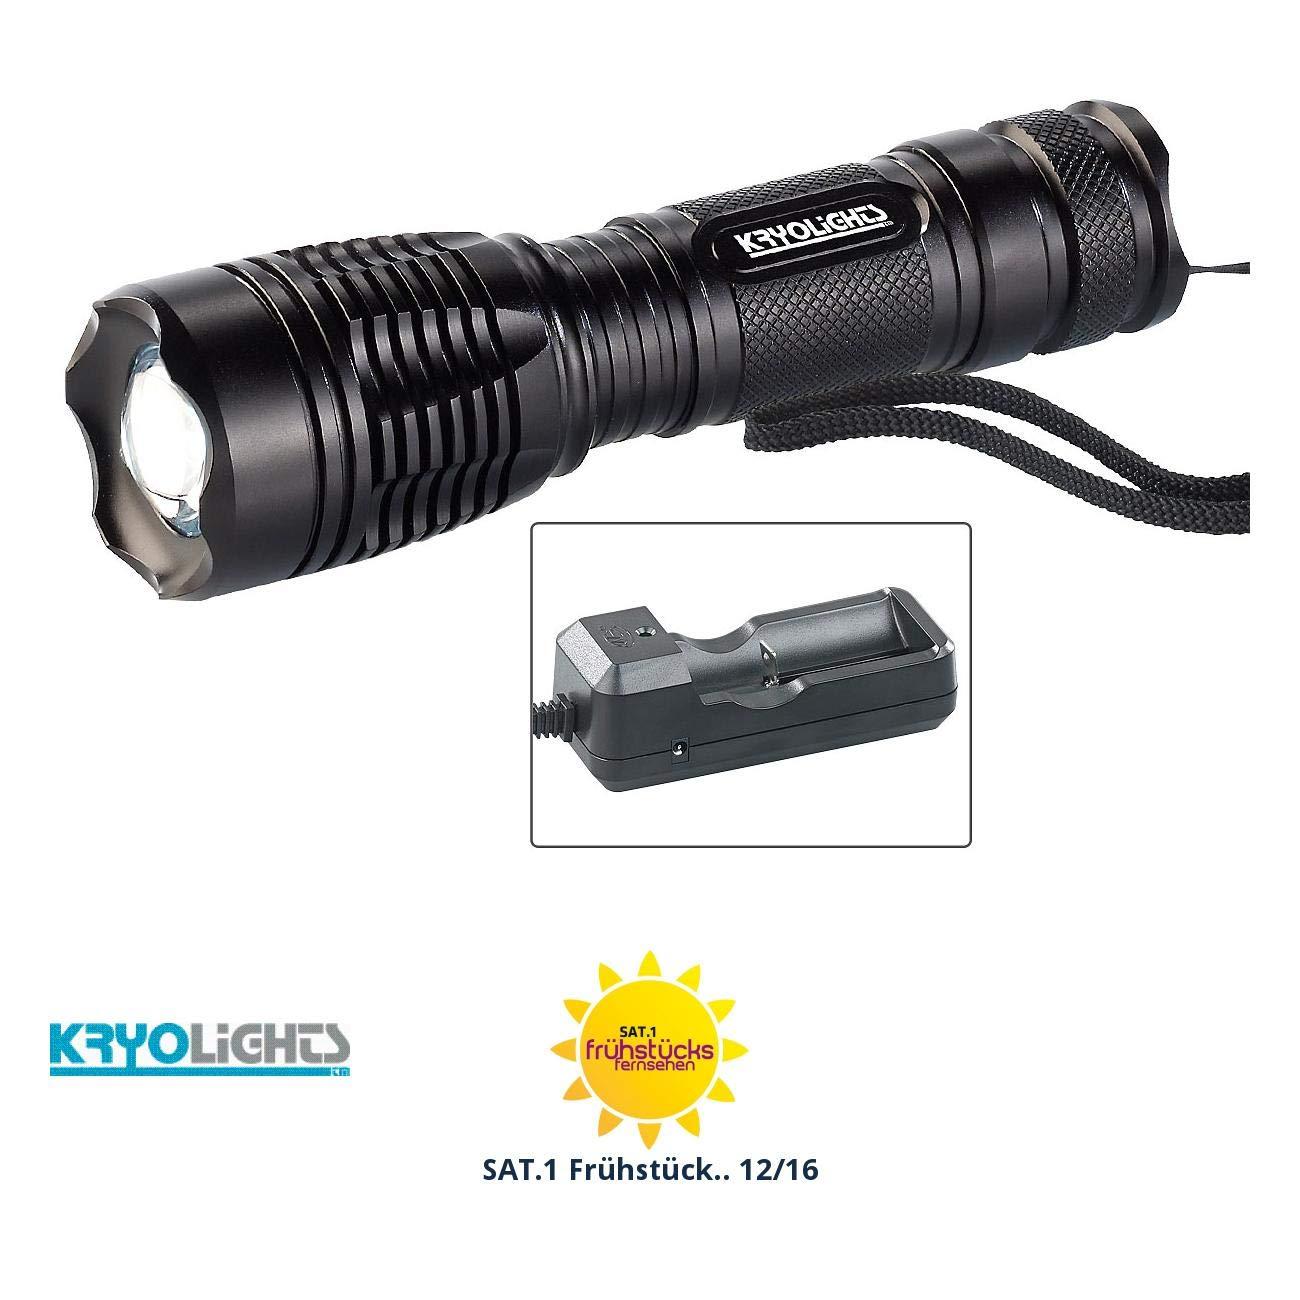 KryoLights Stablampe: LED-Taschenlampe TRC-144.a inkl. Akku und Ladegerät 1000 lm, IP44 (Scheinwerfer Taschenlampe)